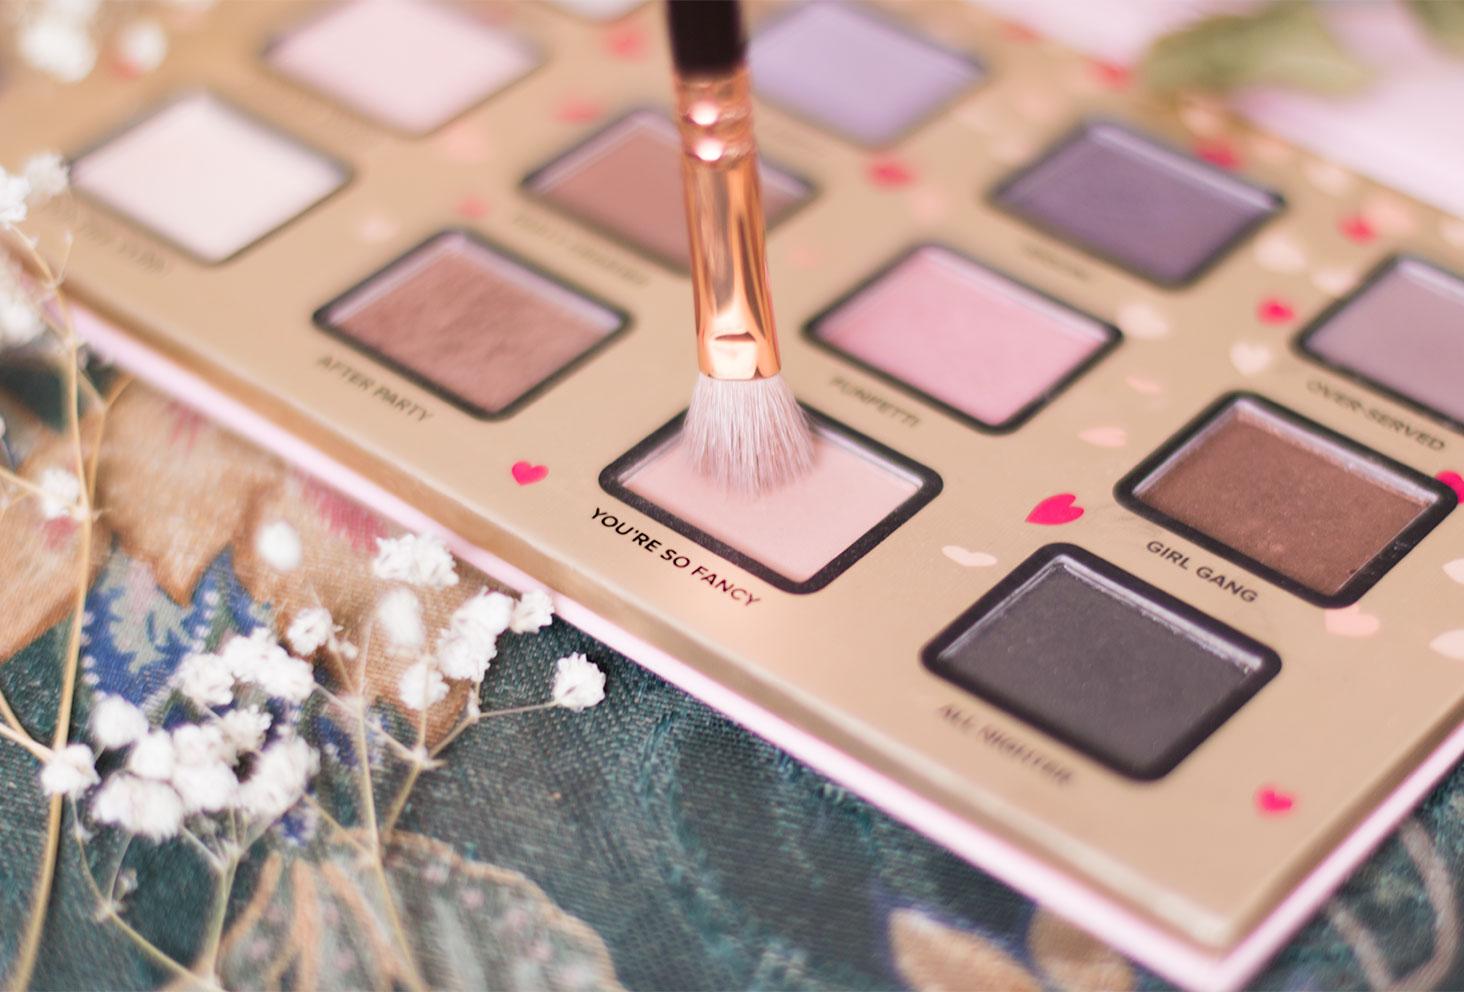 Zoom sur le fard 5, beige orangé, à utiliser pour le make-up avec la palette Funfetti de Too Faced